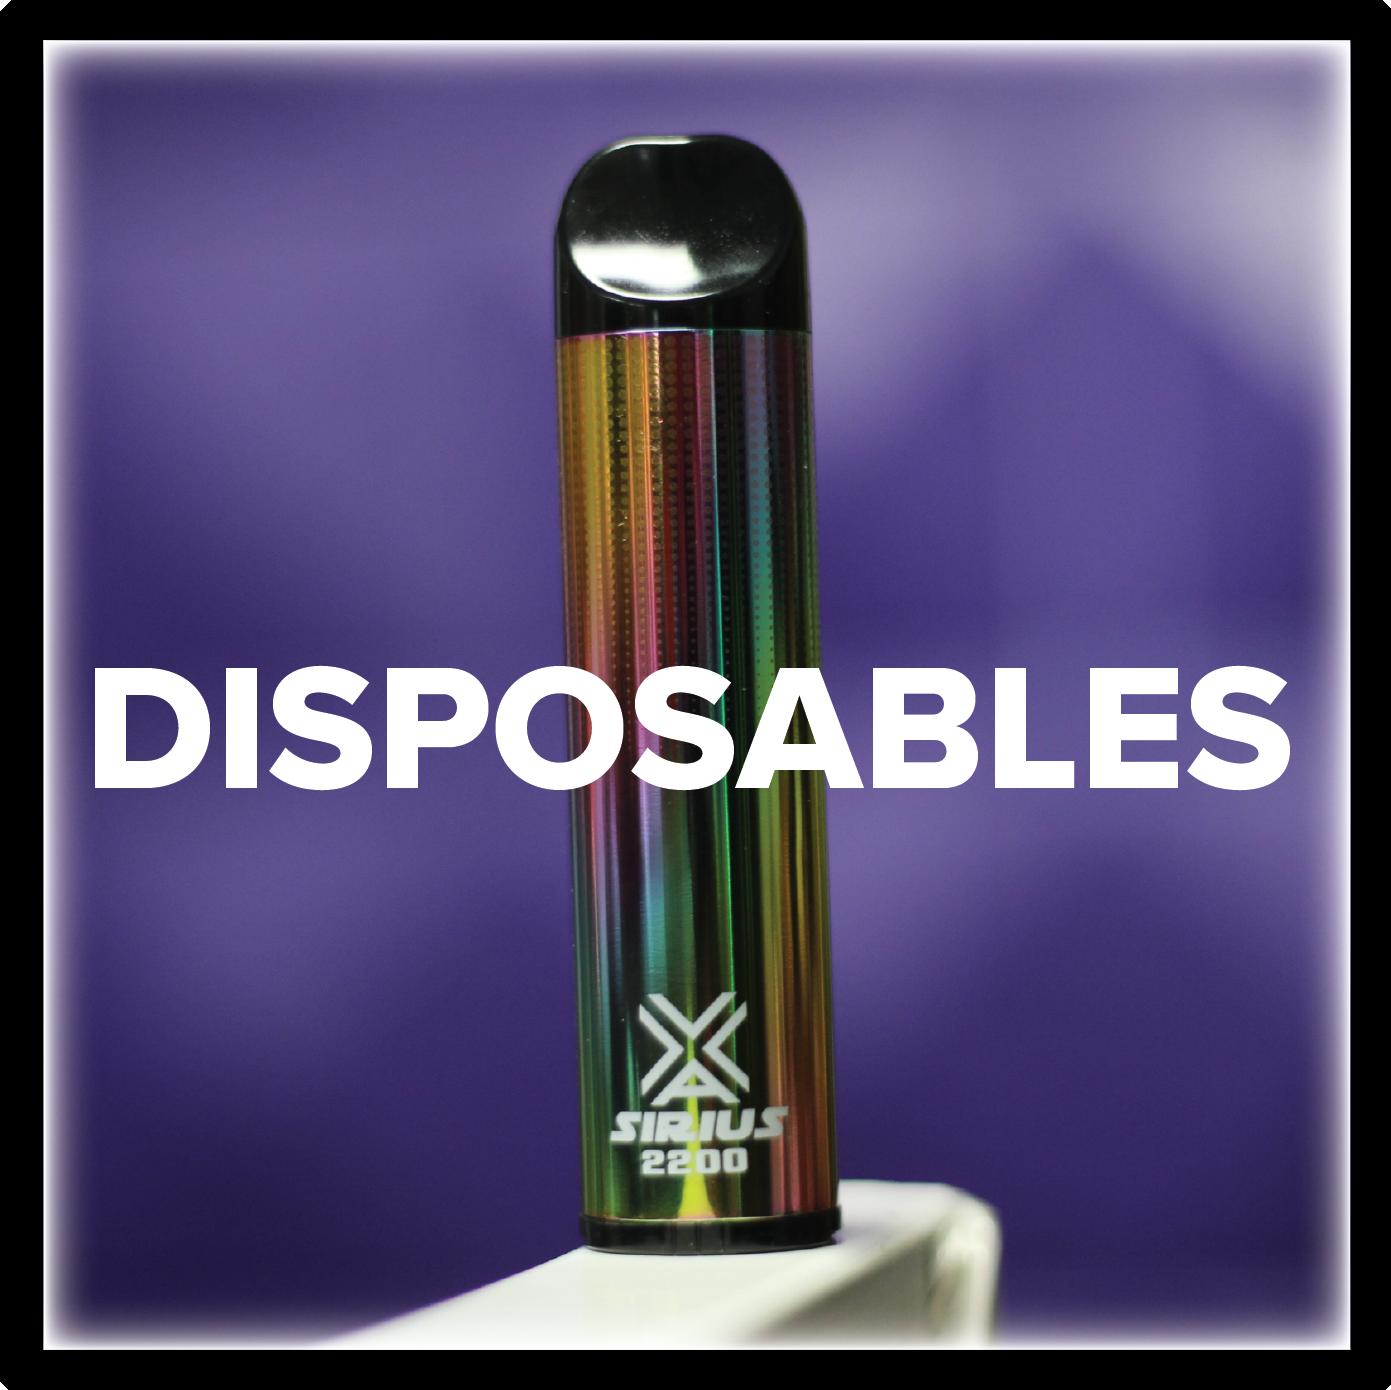 Disposables-01